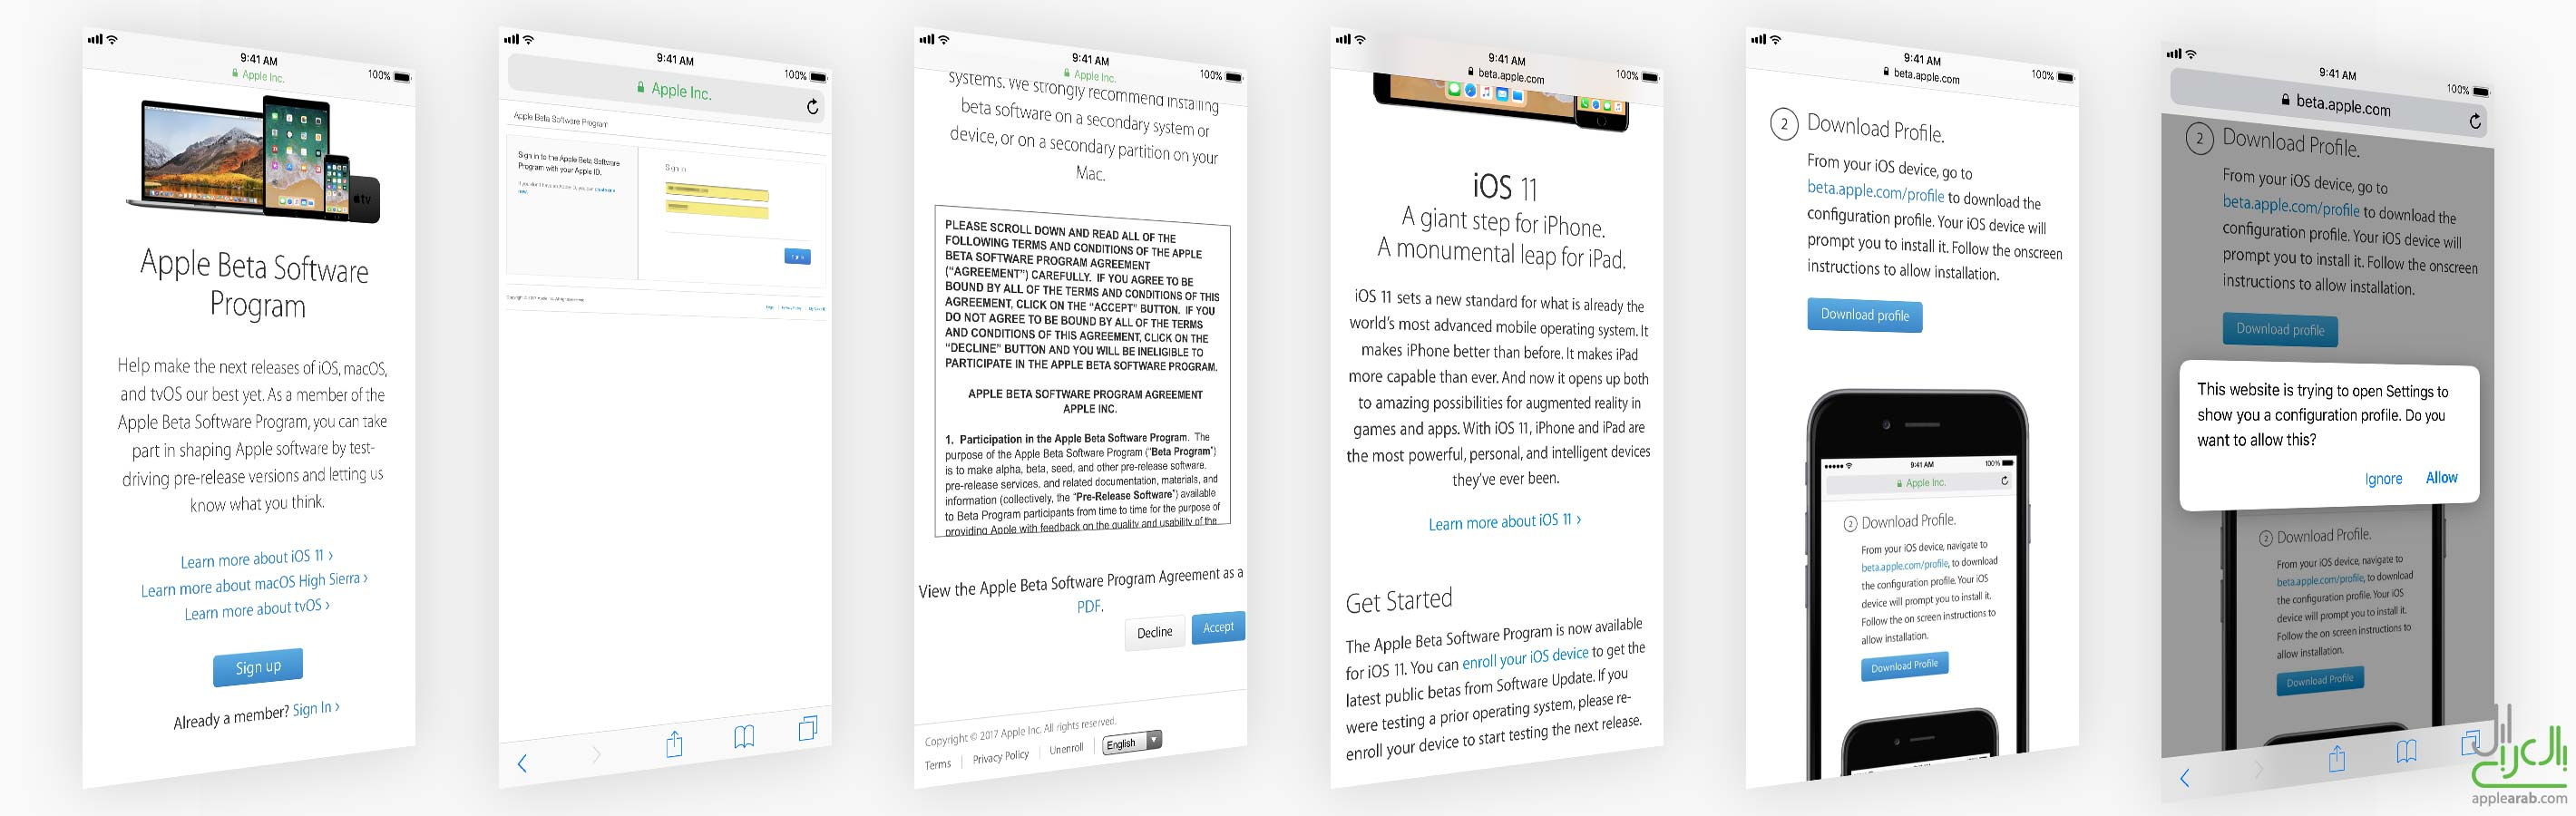 التسجيل في برنامج Apple للأنظمة التجريبية